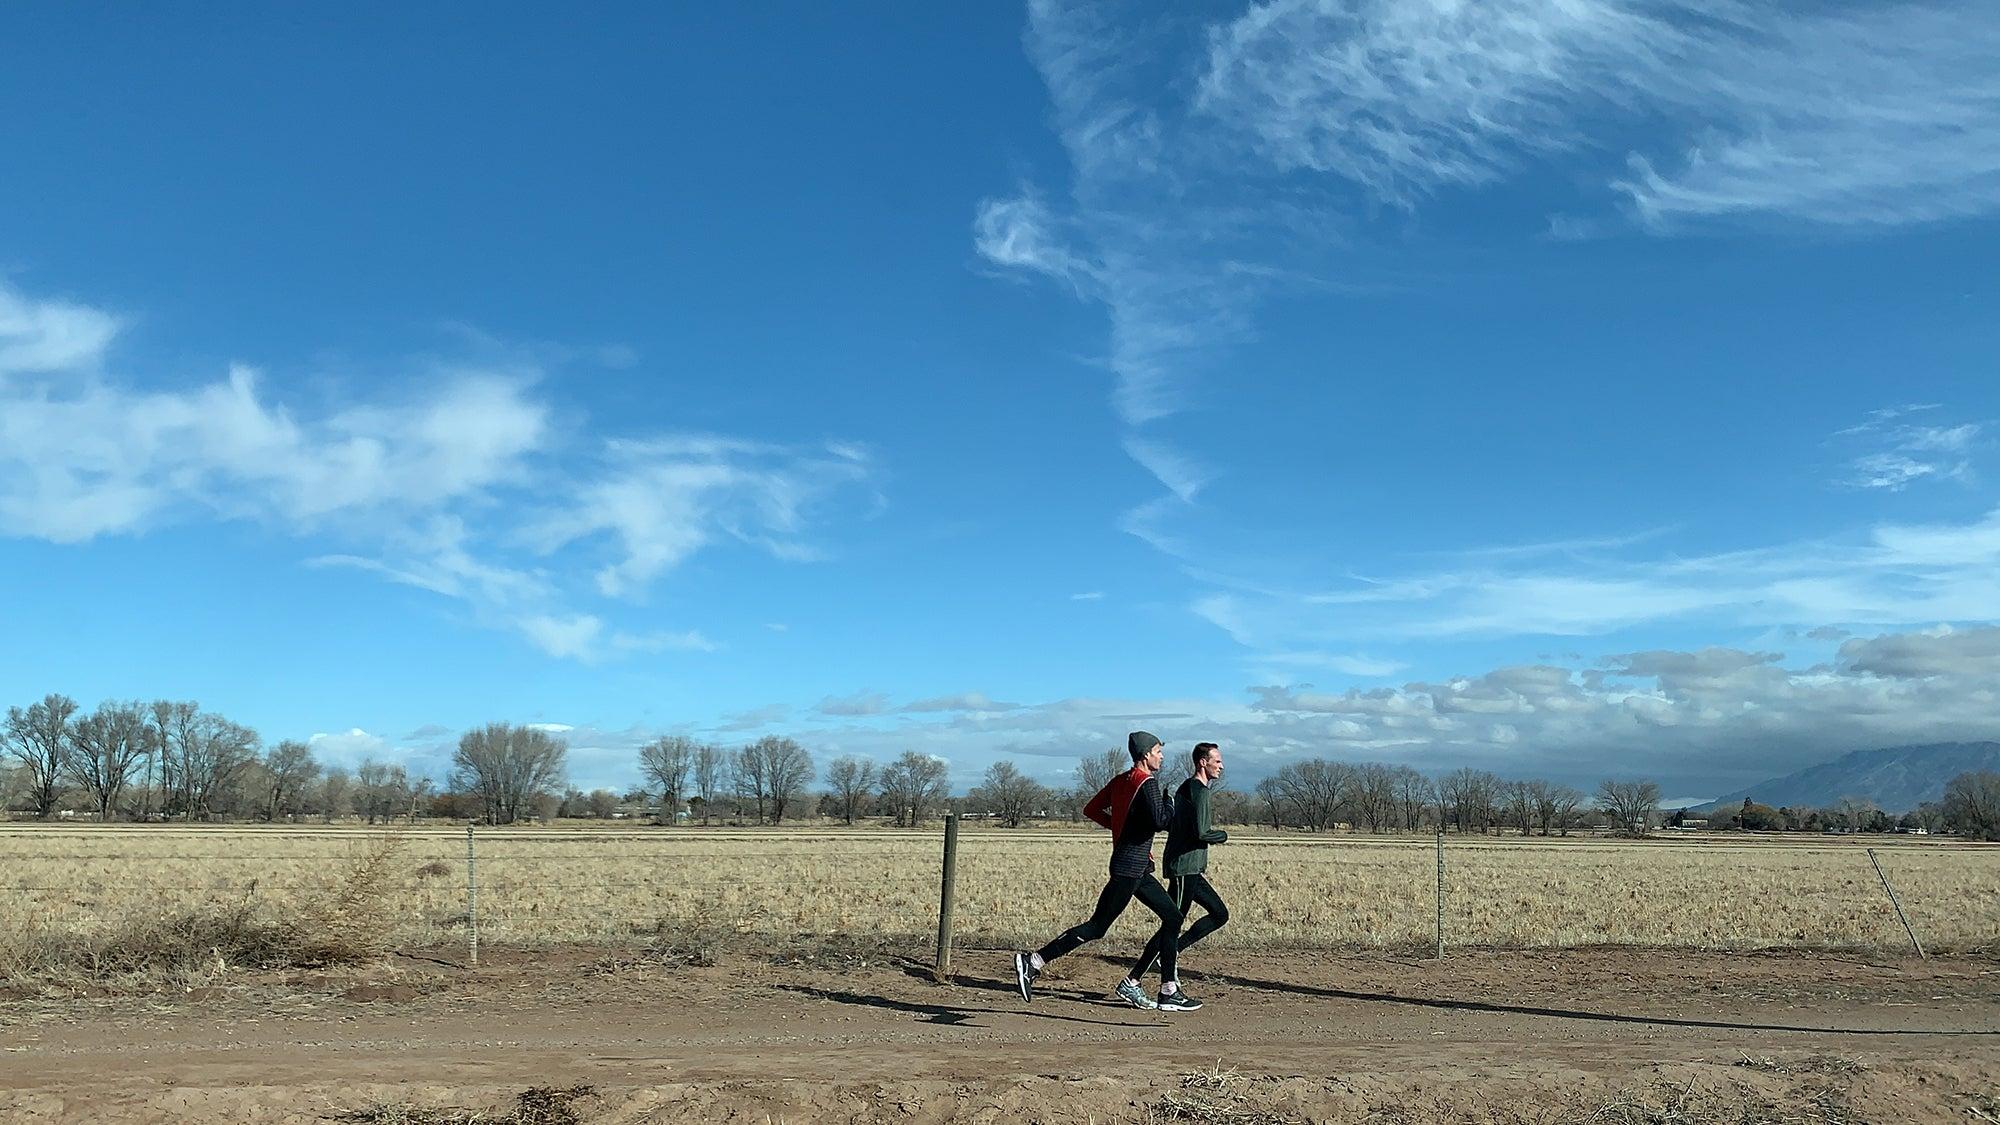 Matt McDonald training in Albuquerque for Olympic Trials